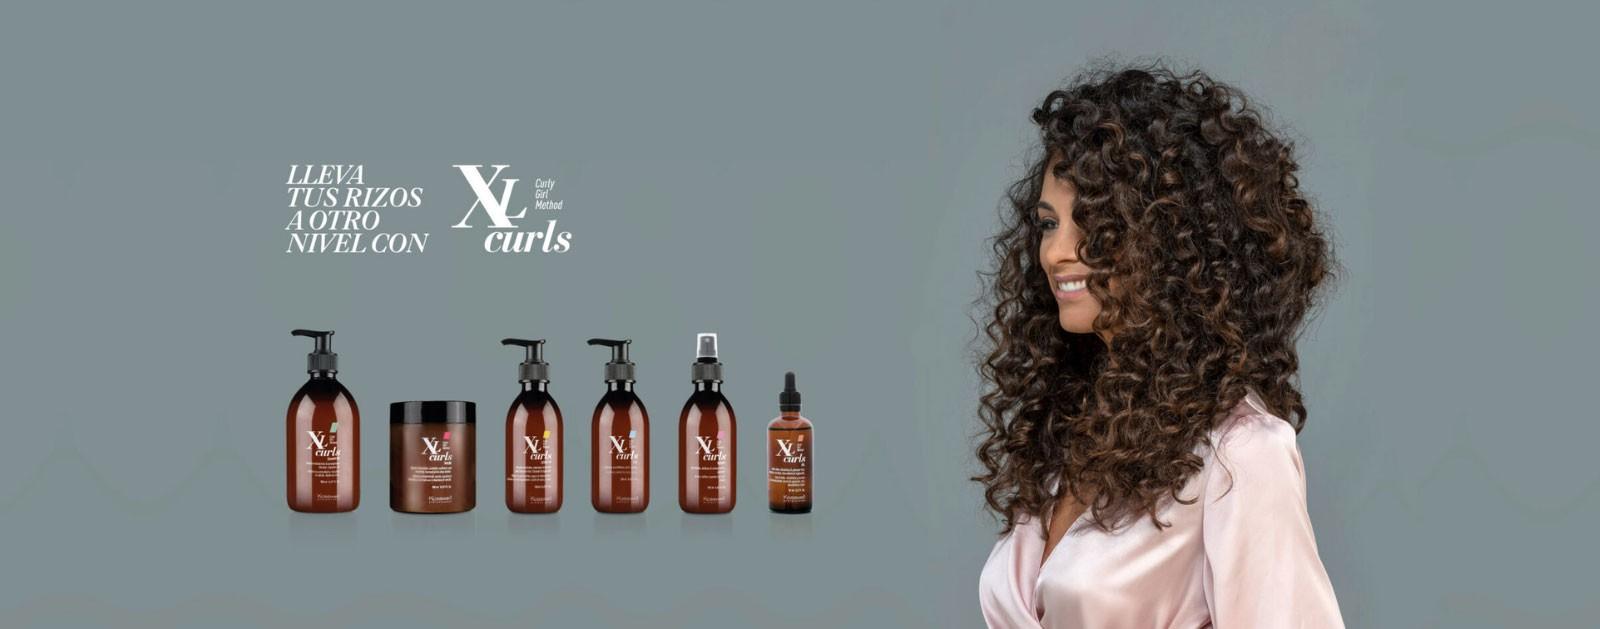 Comprar Método Curly